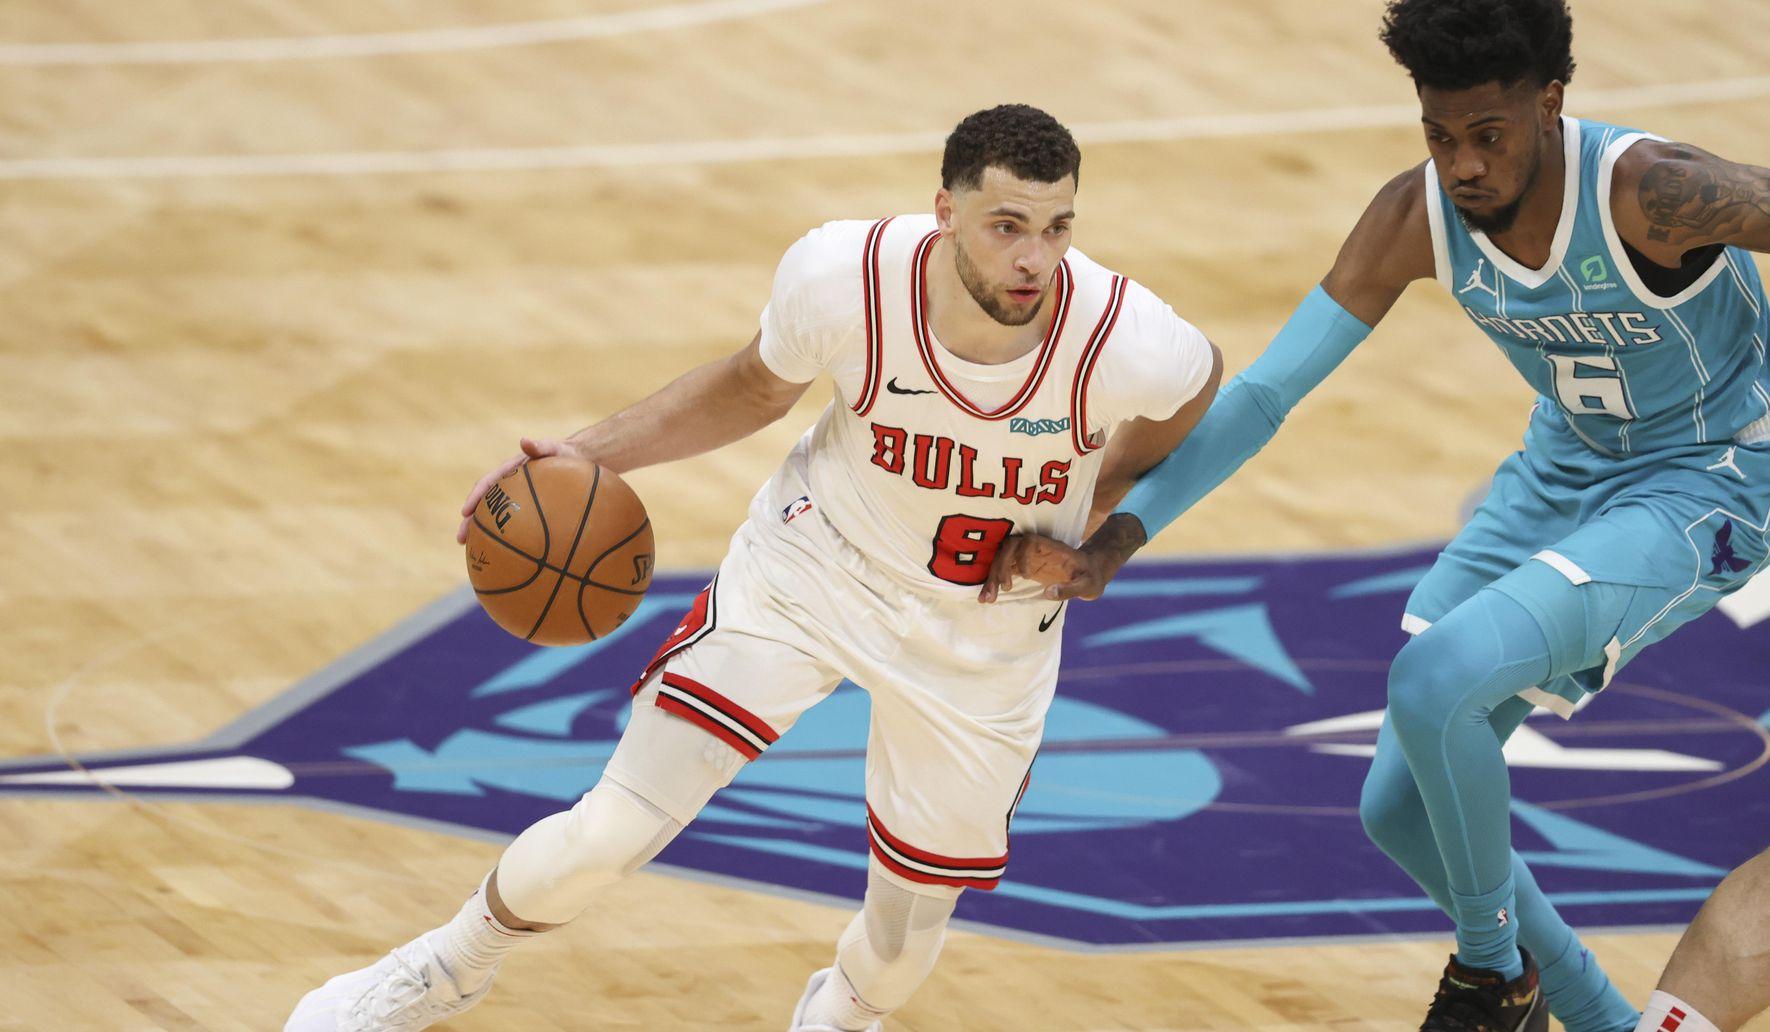 Bulls_hornets_basketball_79713_c0-229-5472-3419_s1770x1032